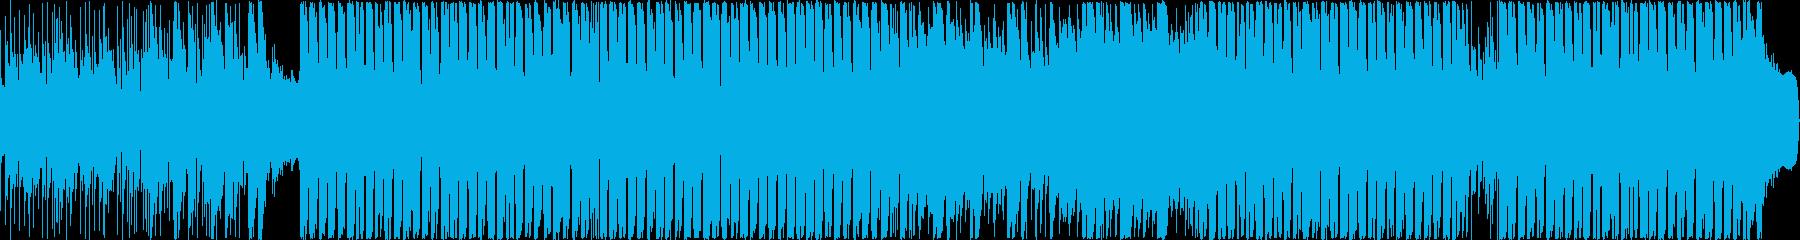 ハイテンポでかわいいテクノポップの再生済みの波形